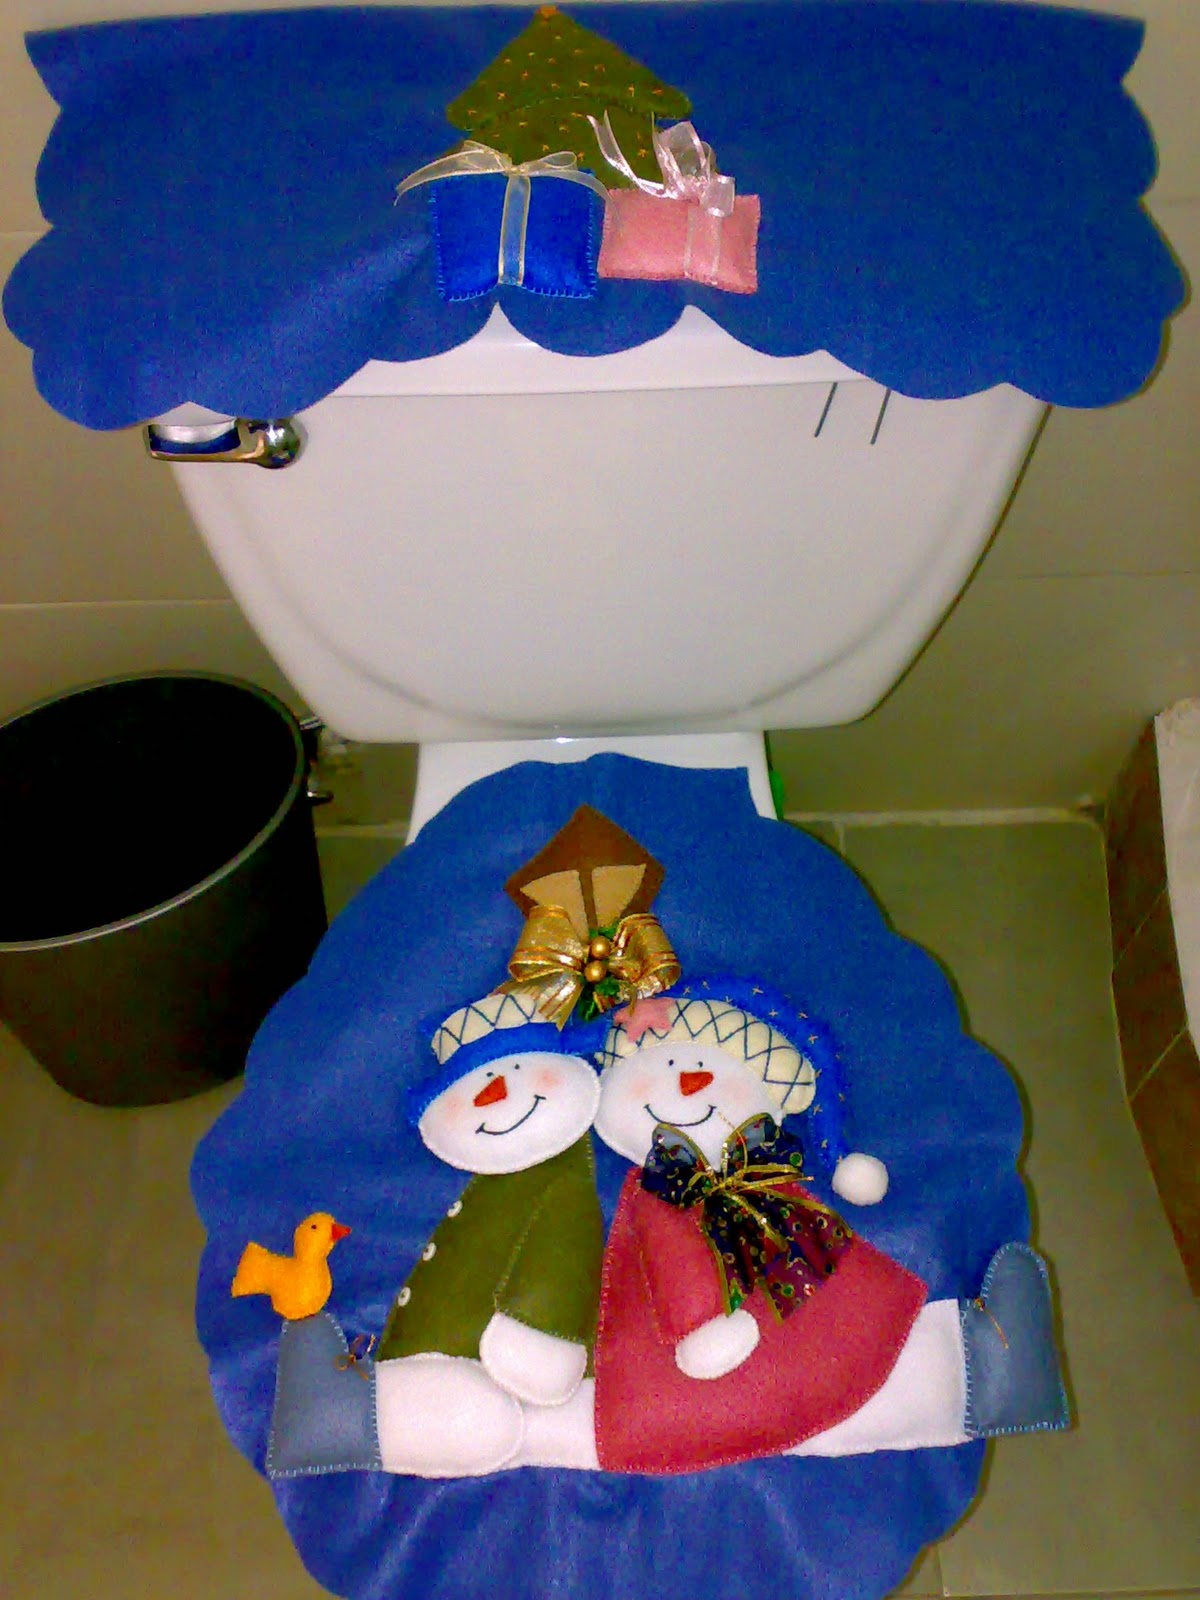 Juegos De Baño Fieltro:CREACIONES LUZMA: Juegos de baño Navidad en fieltro